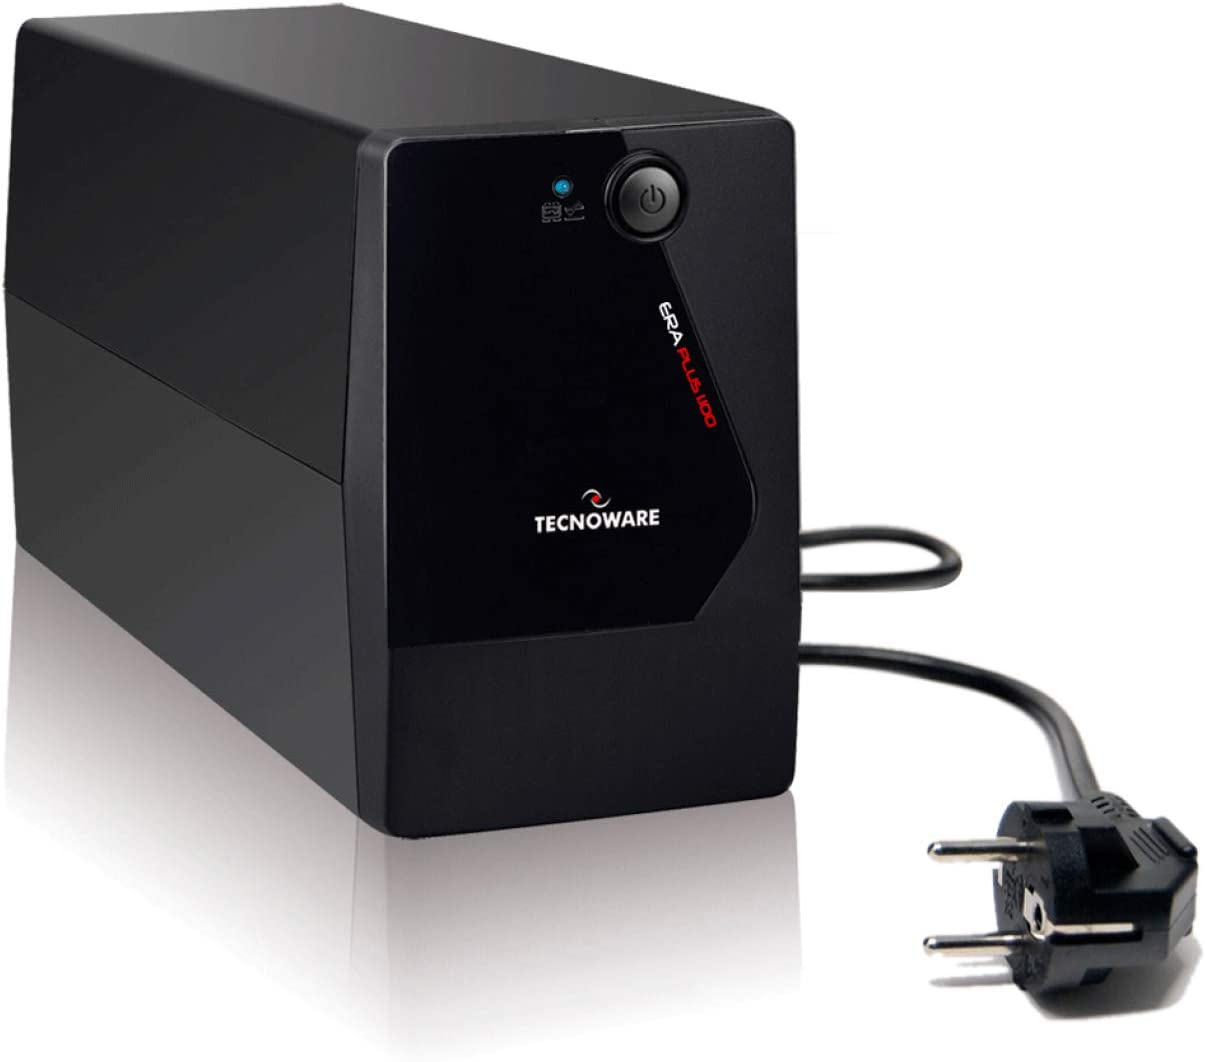 Tecnoware UPS ERA PLUS 1100 Sistemas de Alimentación Ininterrumpida - 2 salidas Schuko - Autonomía hasta 17 min with 1 PC or 60 min with Modem Router - Power 1100 VA